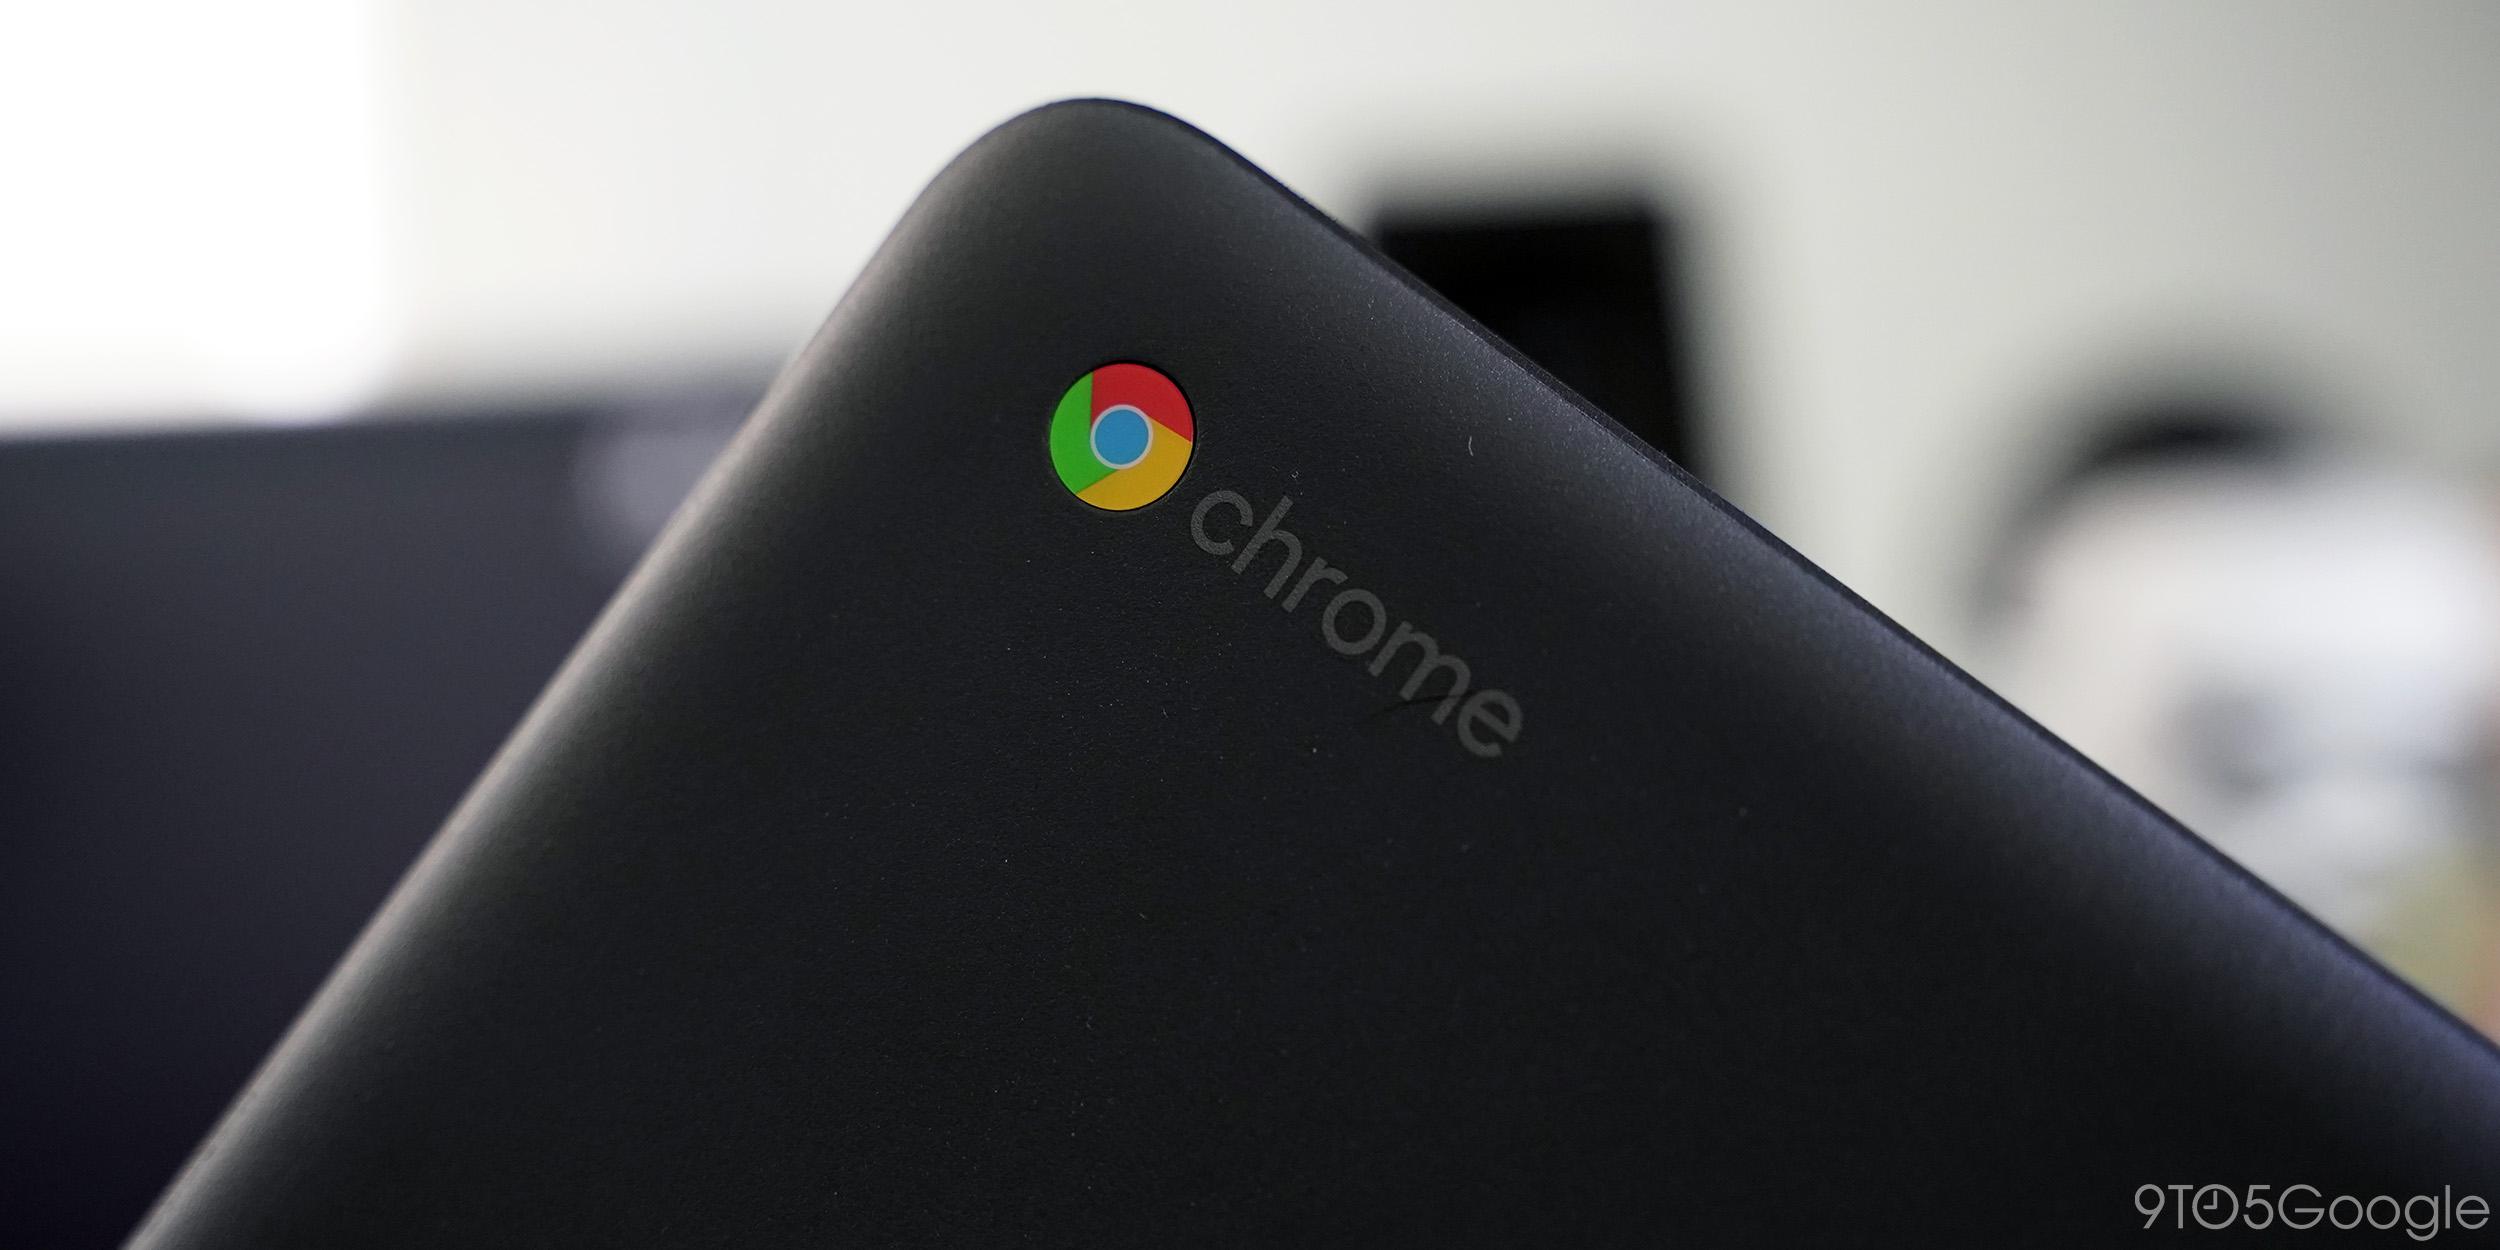 Einführung von Chrome OS 76: Mediensteuerung, Neugestaltung der Kamera, verbesserte Anmeldung für Android-Apps, mehr